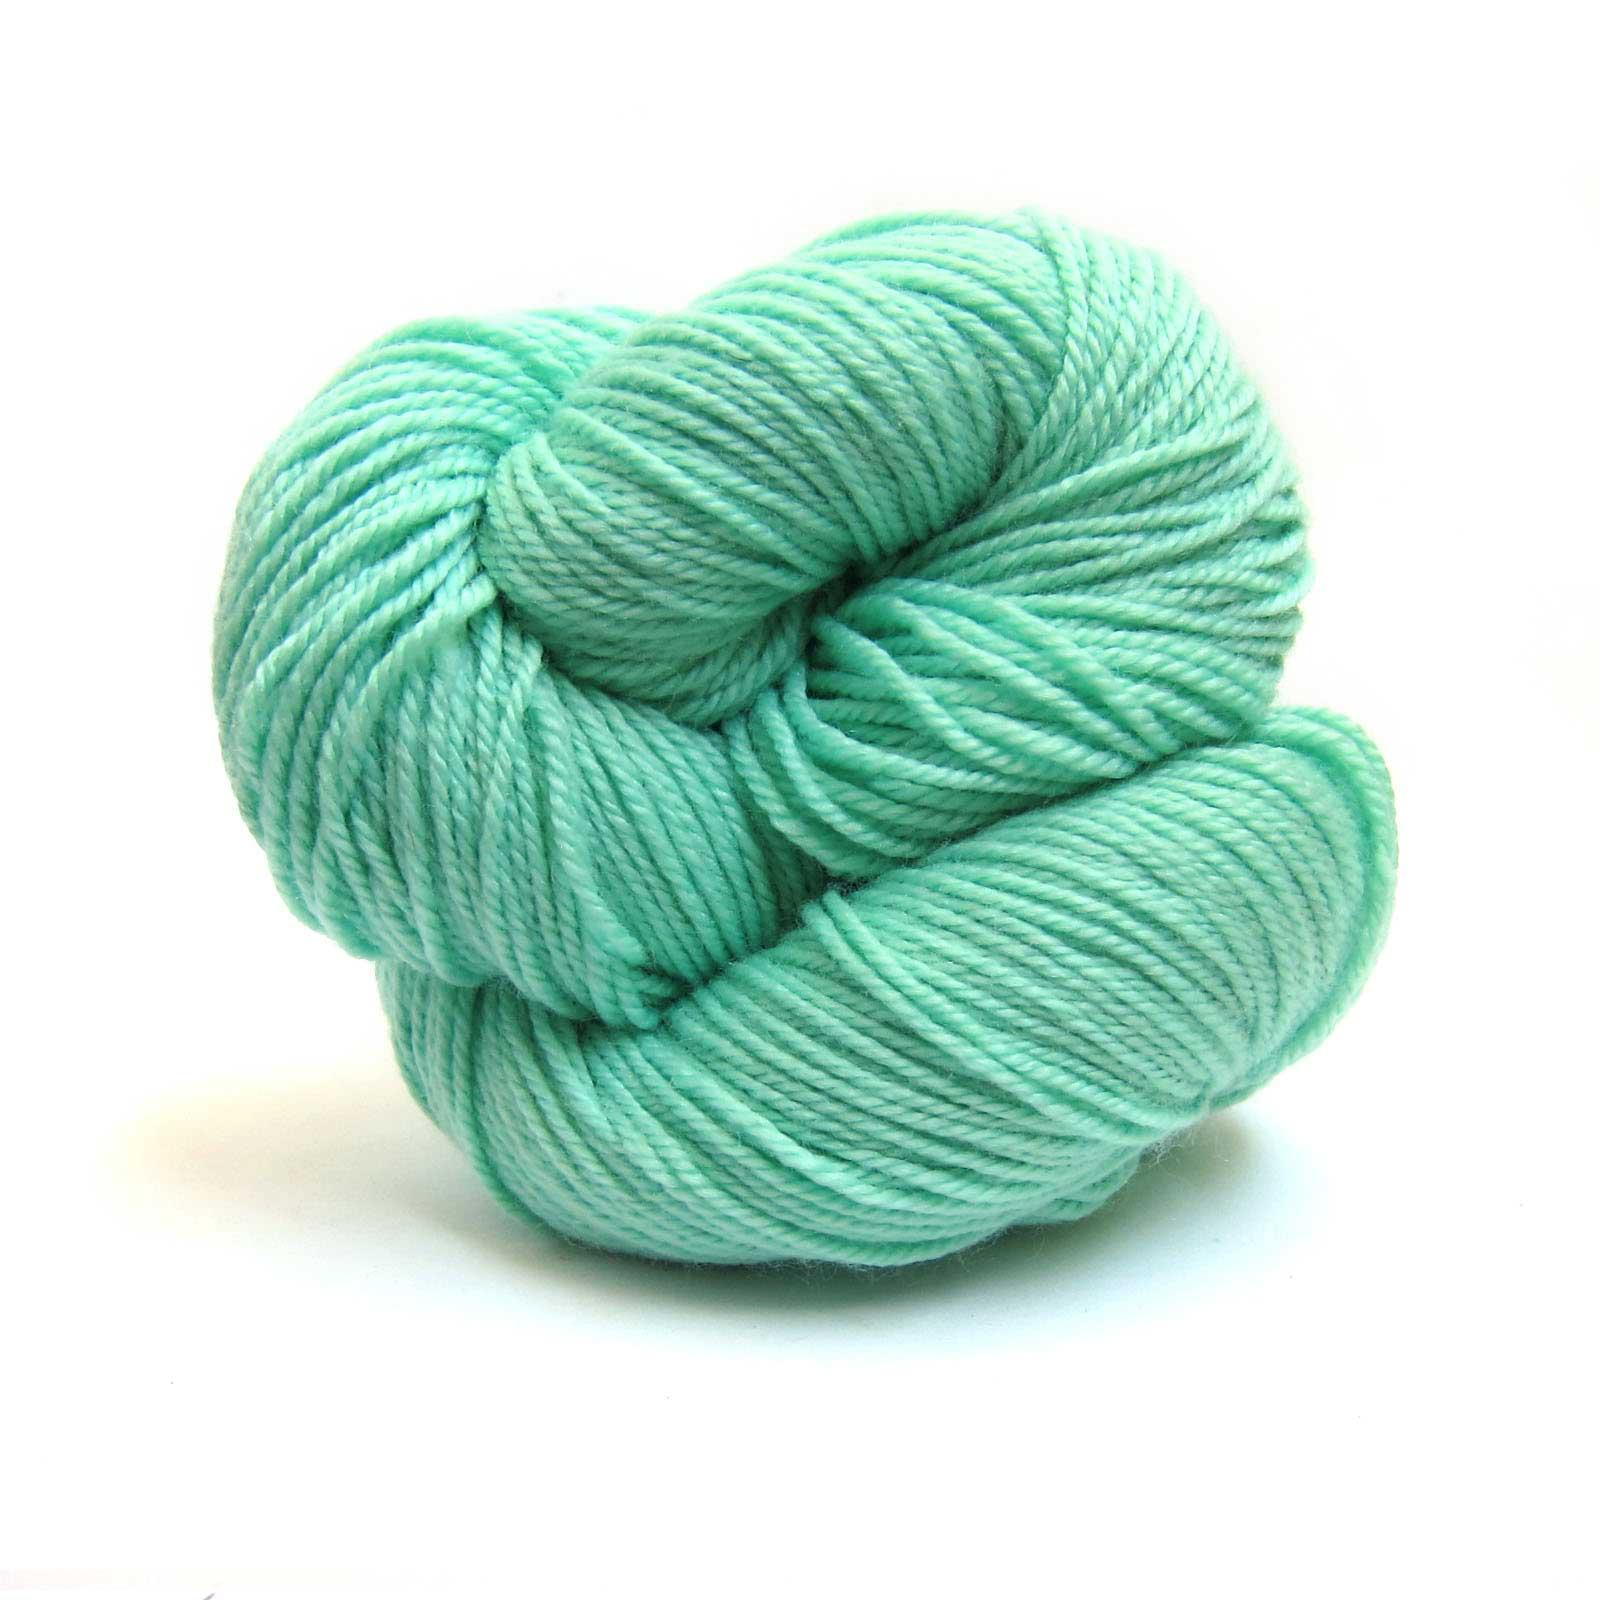 Mint Louet Gems 100% Merino Superwash Yarn